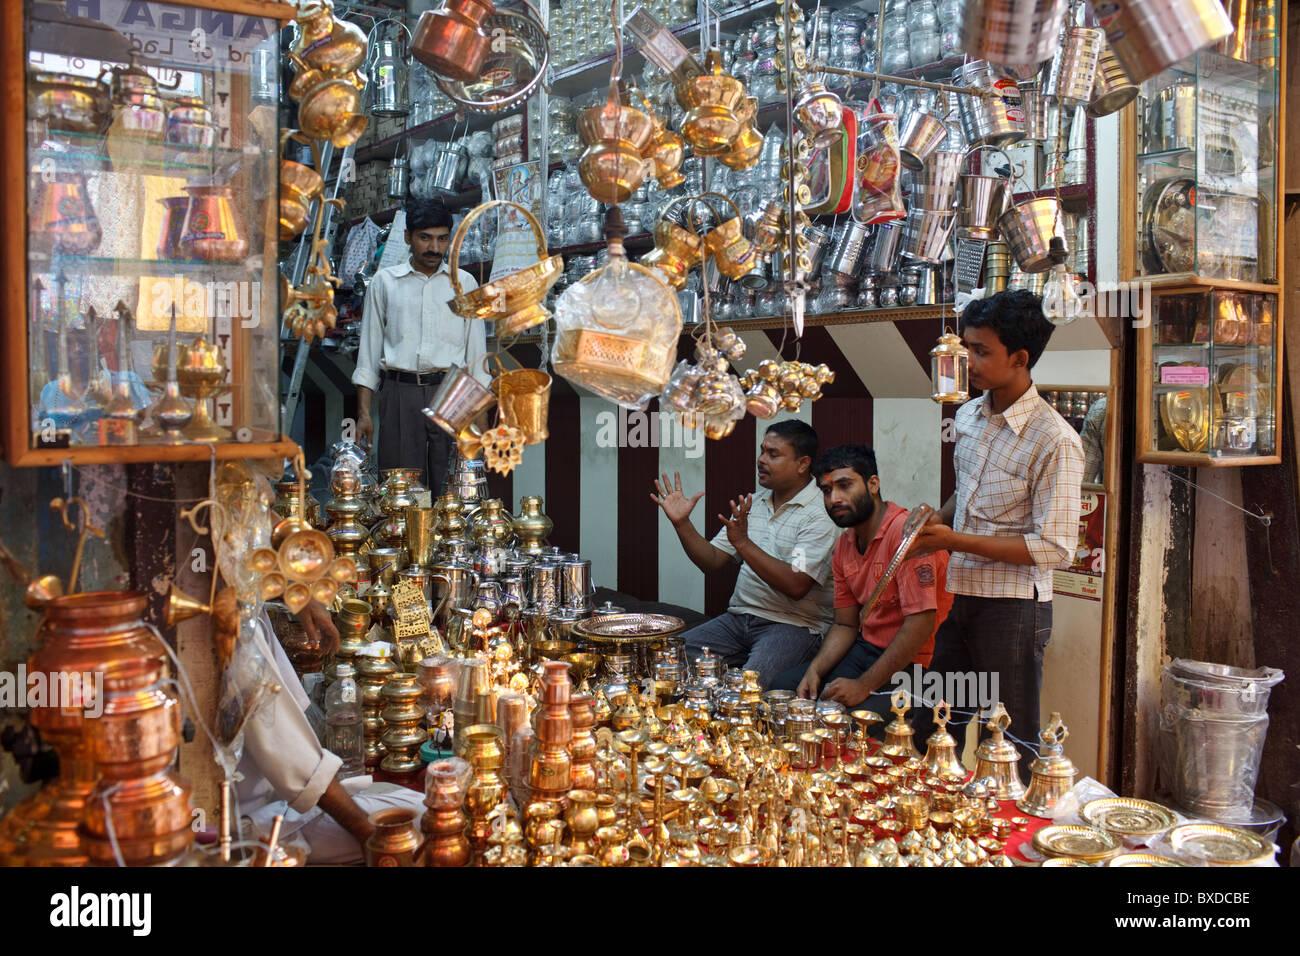 Copperware e altri articoli per la casa sul display nel chowk in Haridwar, Uttarakhand, India. Immagini Stock